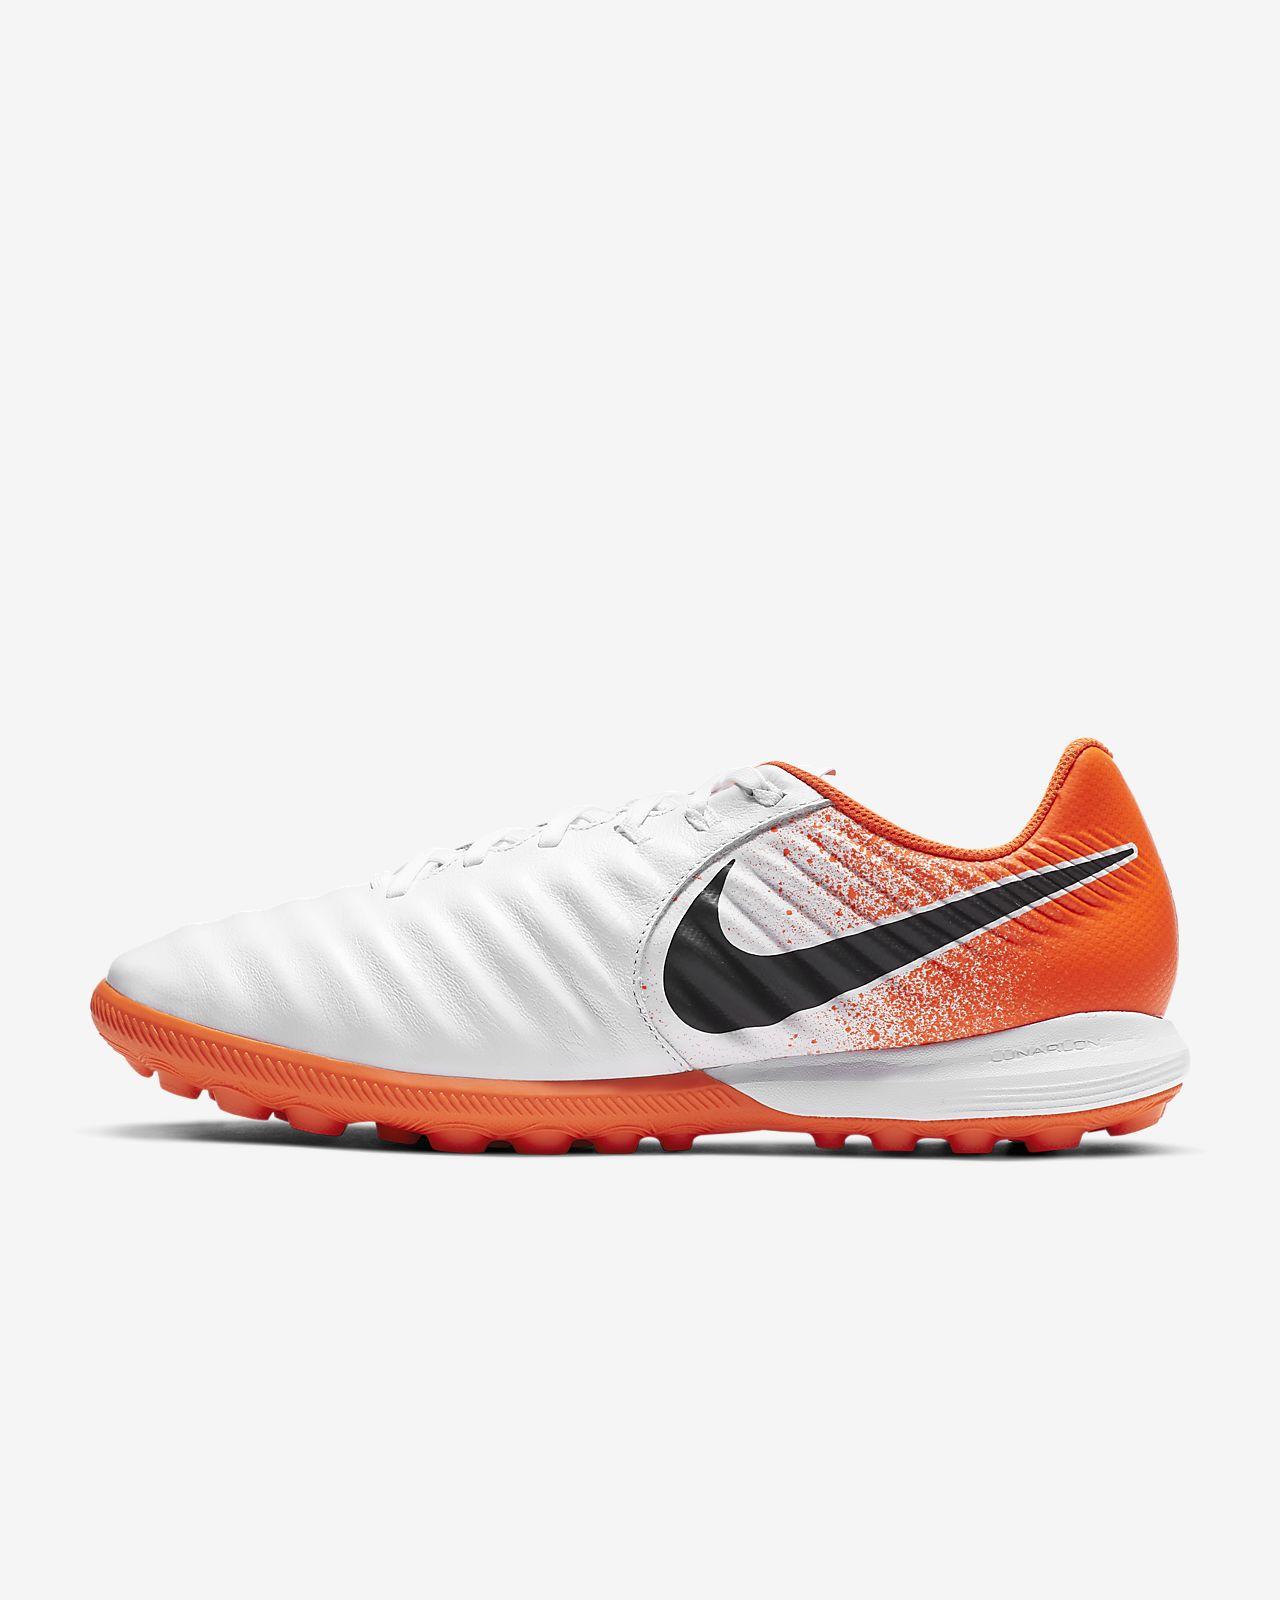 รองเท้าสตั๊ดฟุตบอลสำหรับพื้นสนามหญ้าเทียม Nike TiempoX Lunar Legend VII Pro